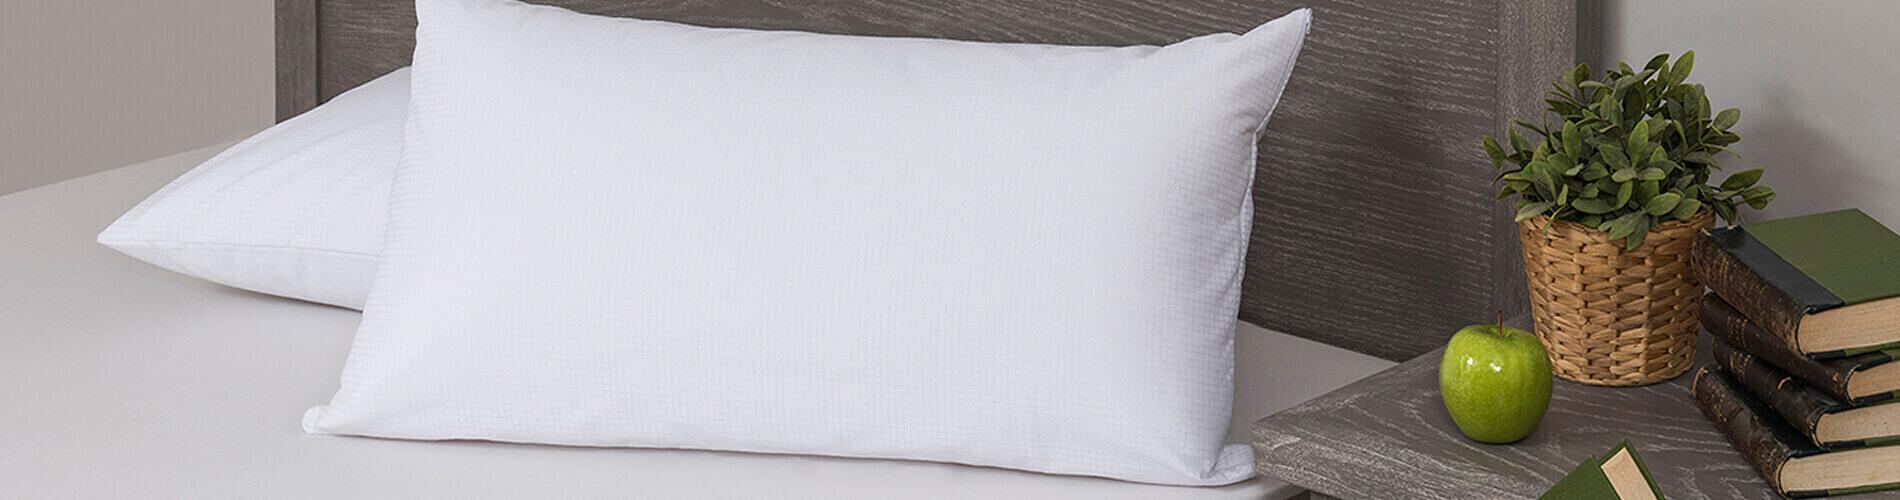 La solución perfecta para proteger tu almohada, fundas de almohadas termoreguladoras